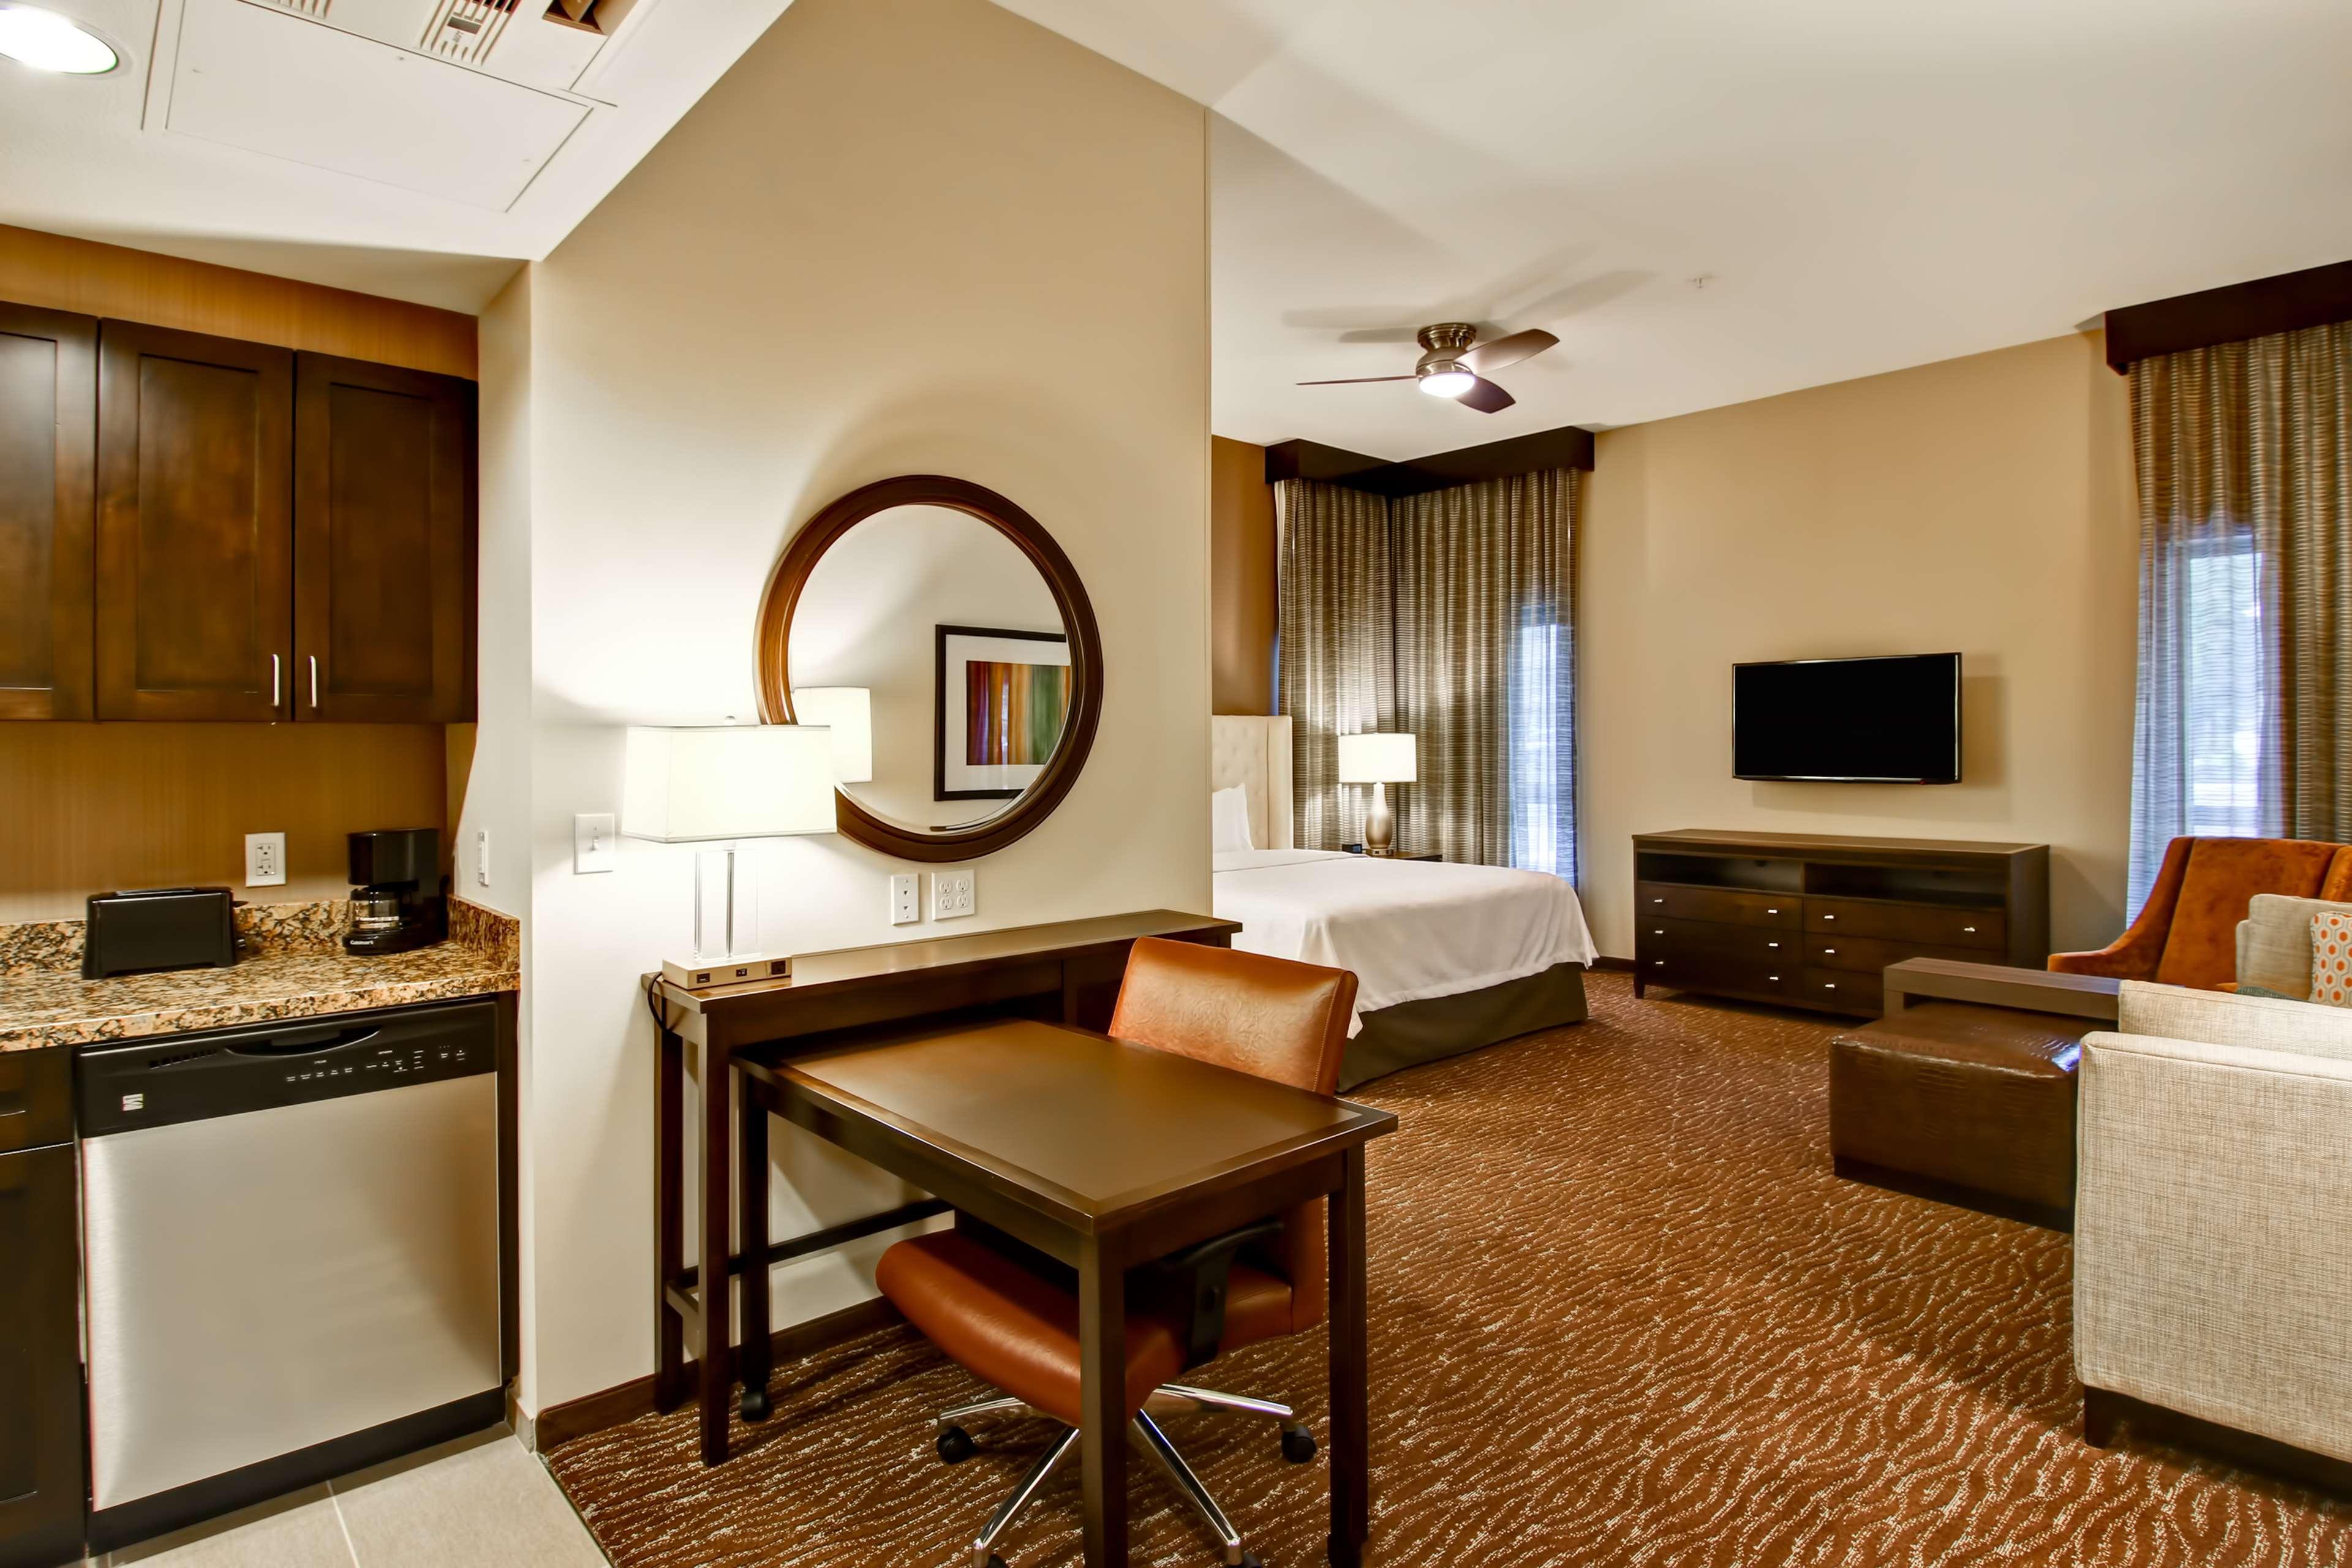 Homewood Suites by Hilton Palo Alto image 24